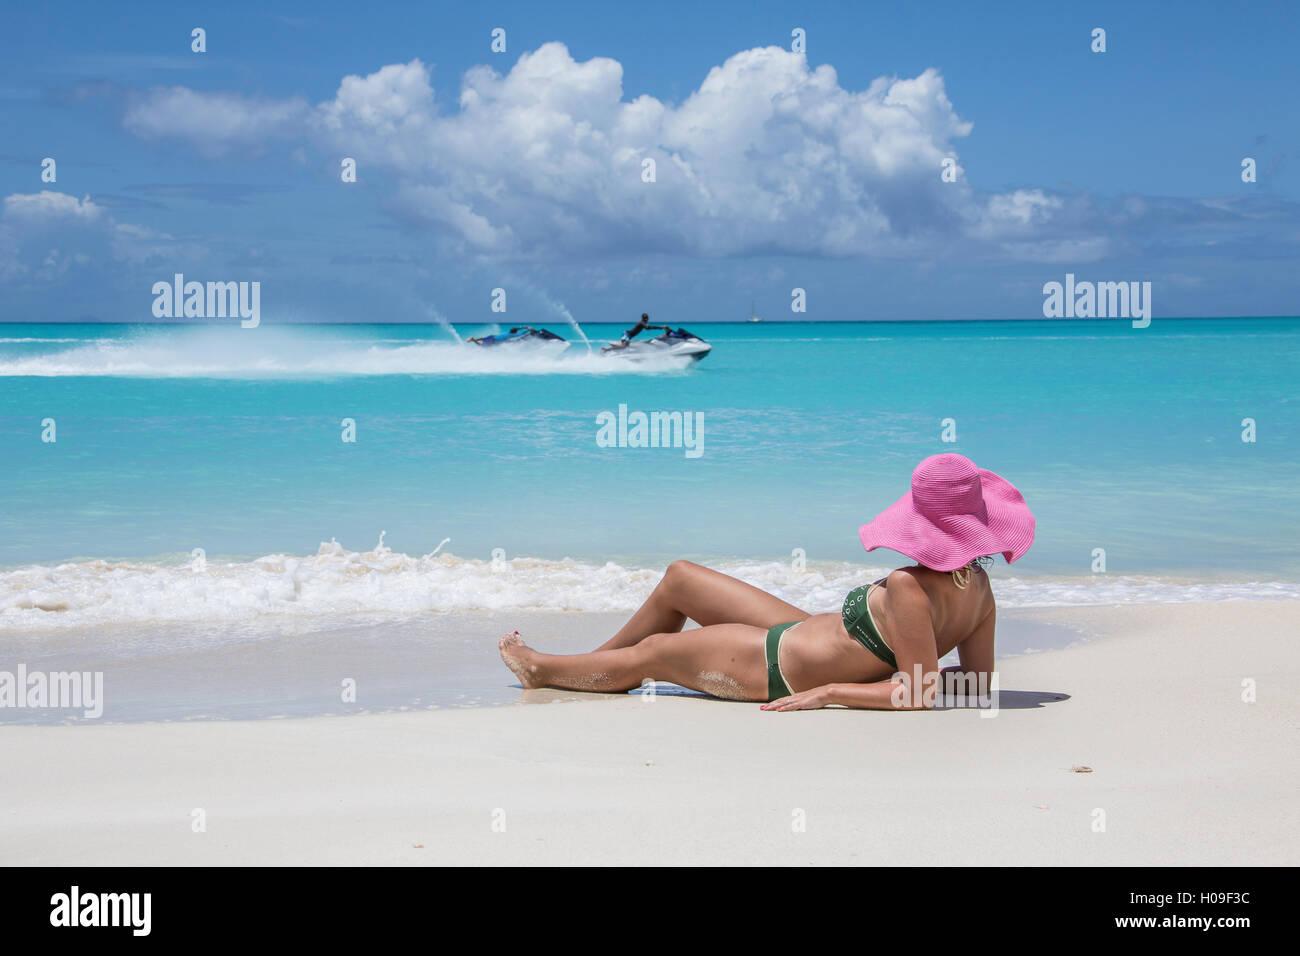 Admire le tourisme, la mer turquoise des Caraïbes, Jolly Beach Antigua, Antigua et Barbuda, Iles sous le vent, Photo Stock